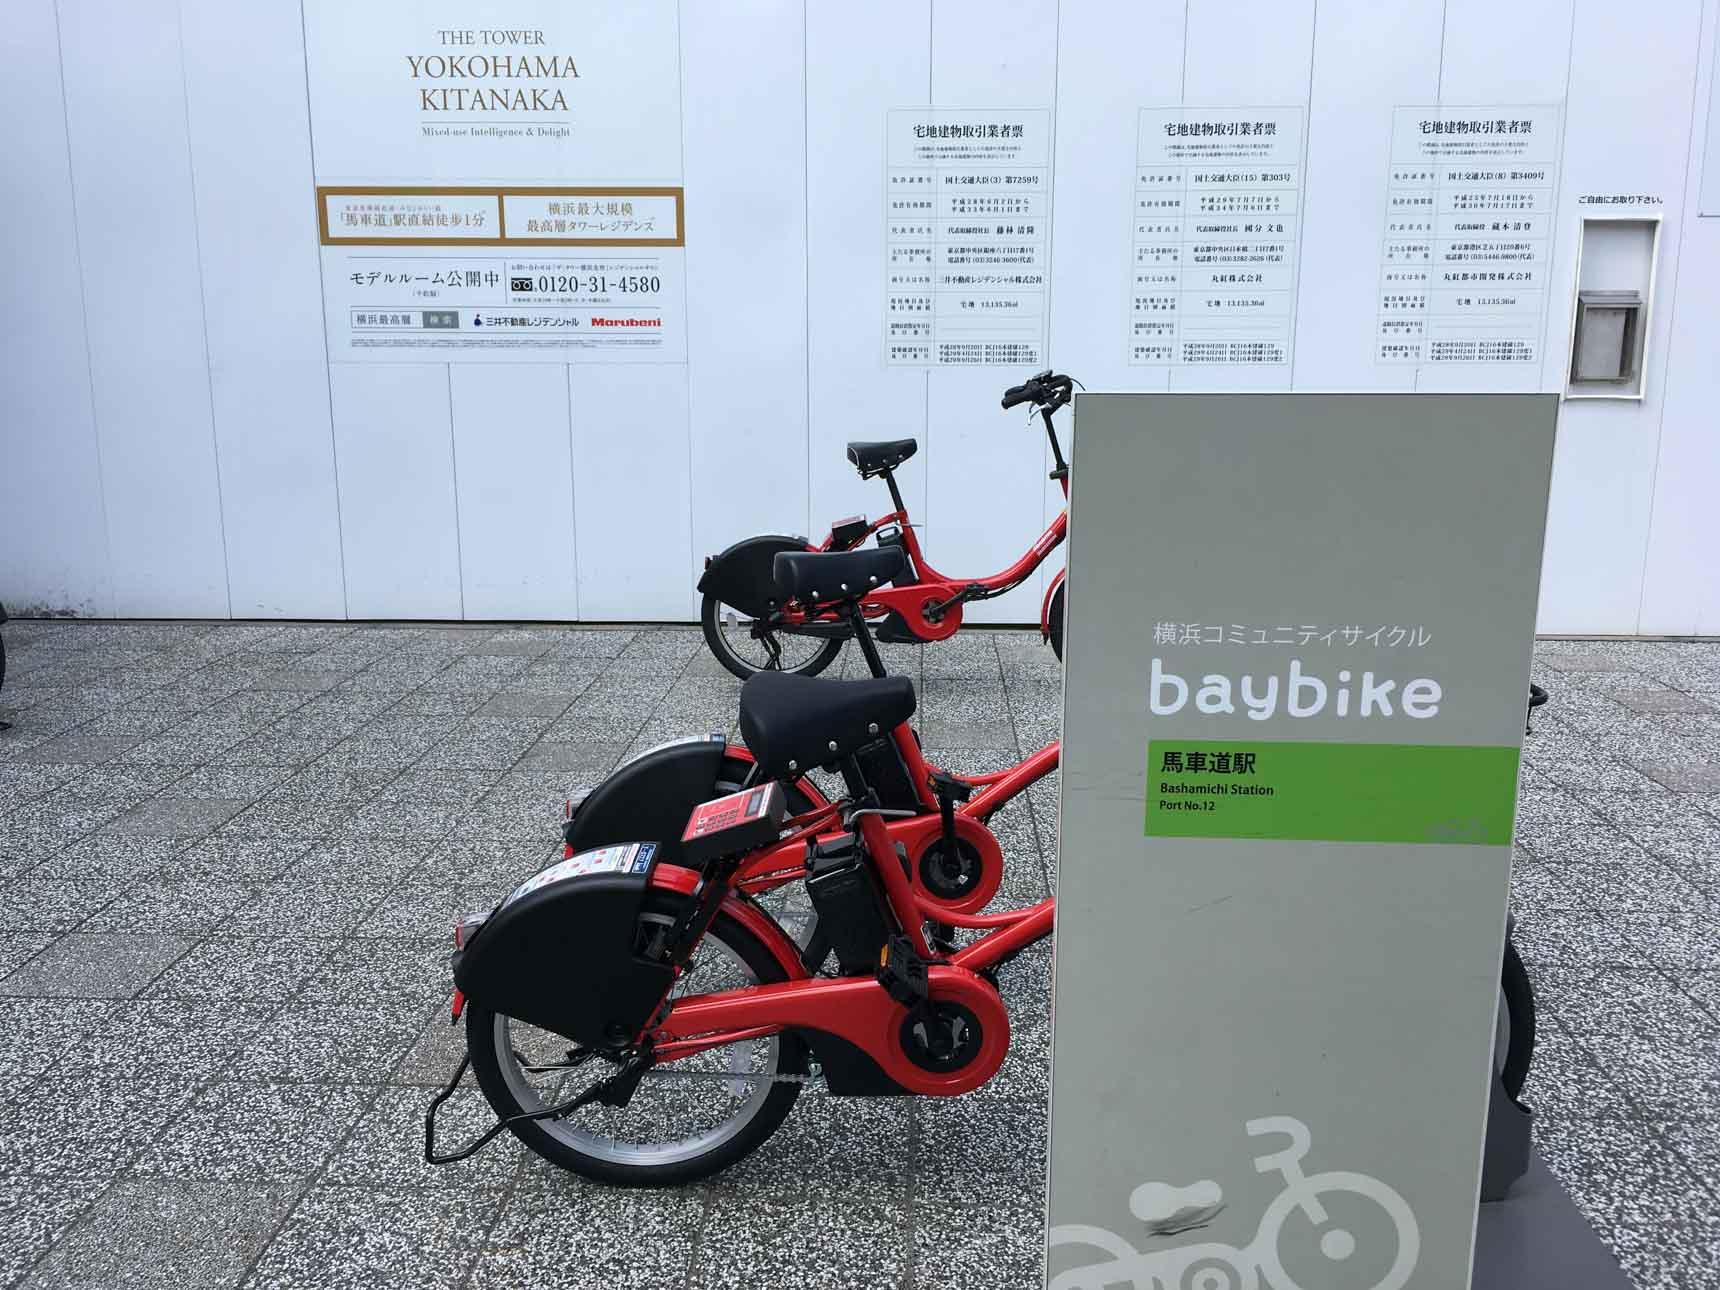 ちなみに、馬車道までのアクセスは電車もいいですが、横浜エリアで使えるシェアサイクルの「baybike」もかなり便利でおすすめですよ。その場で登録してすぐ使えます。